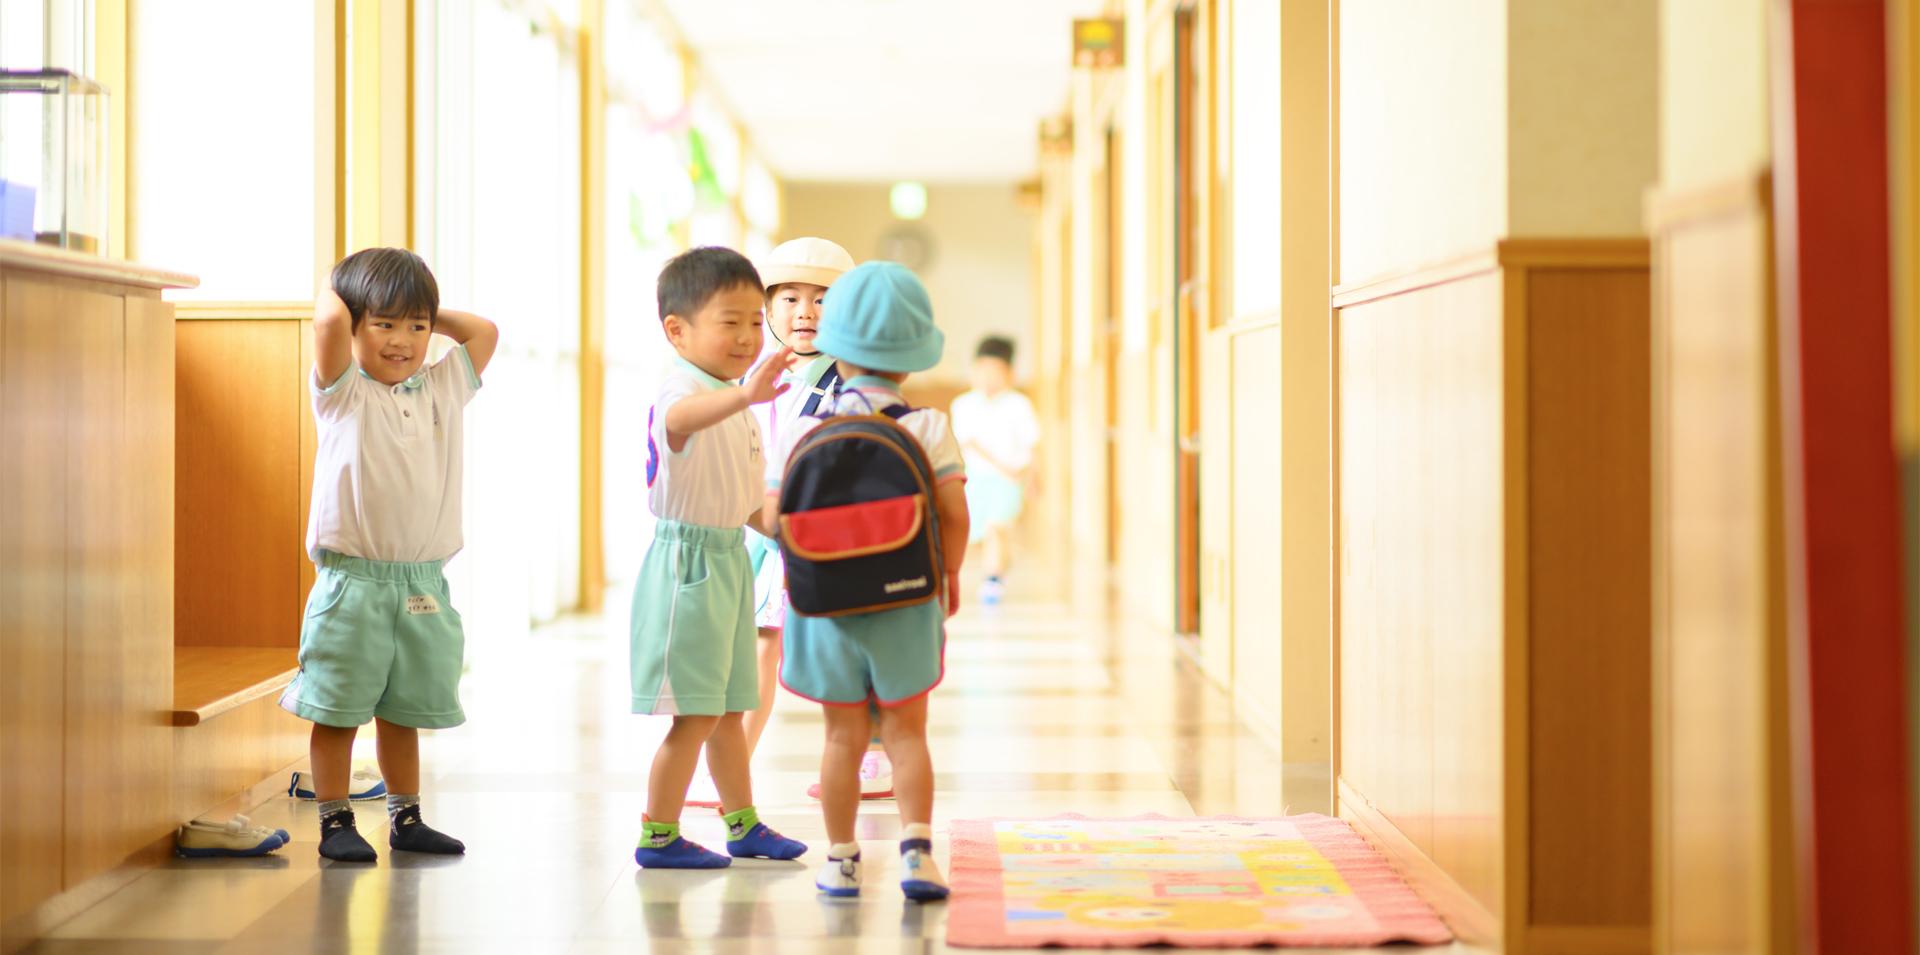 さきとり幼稚園の概要